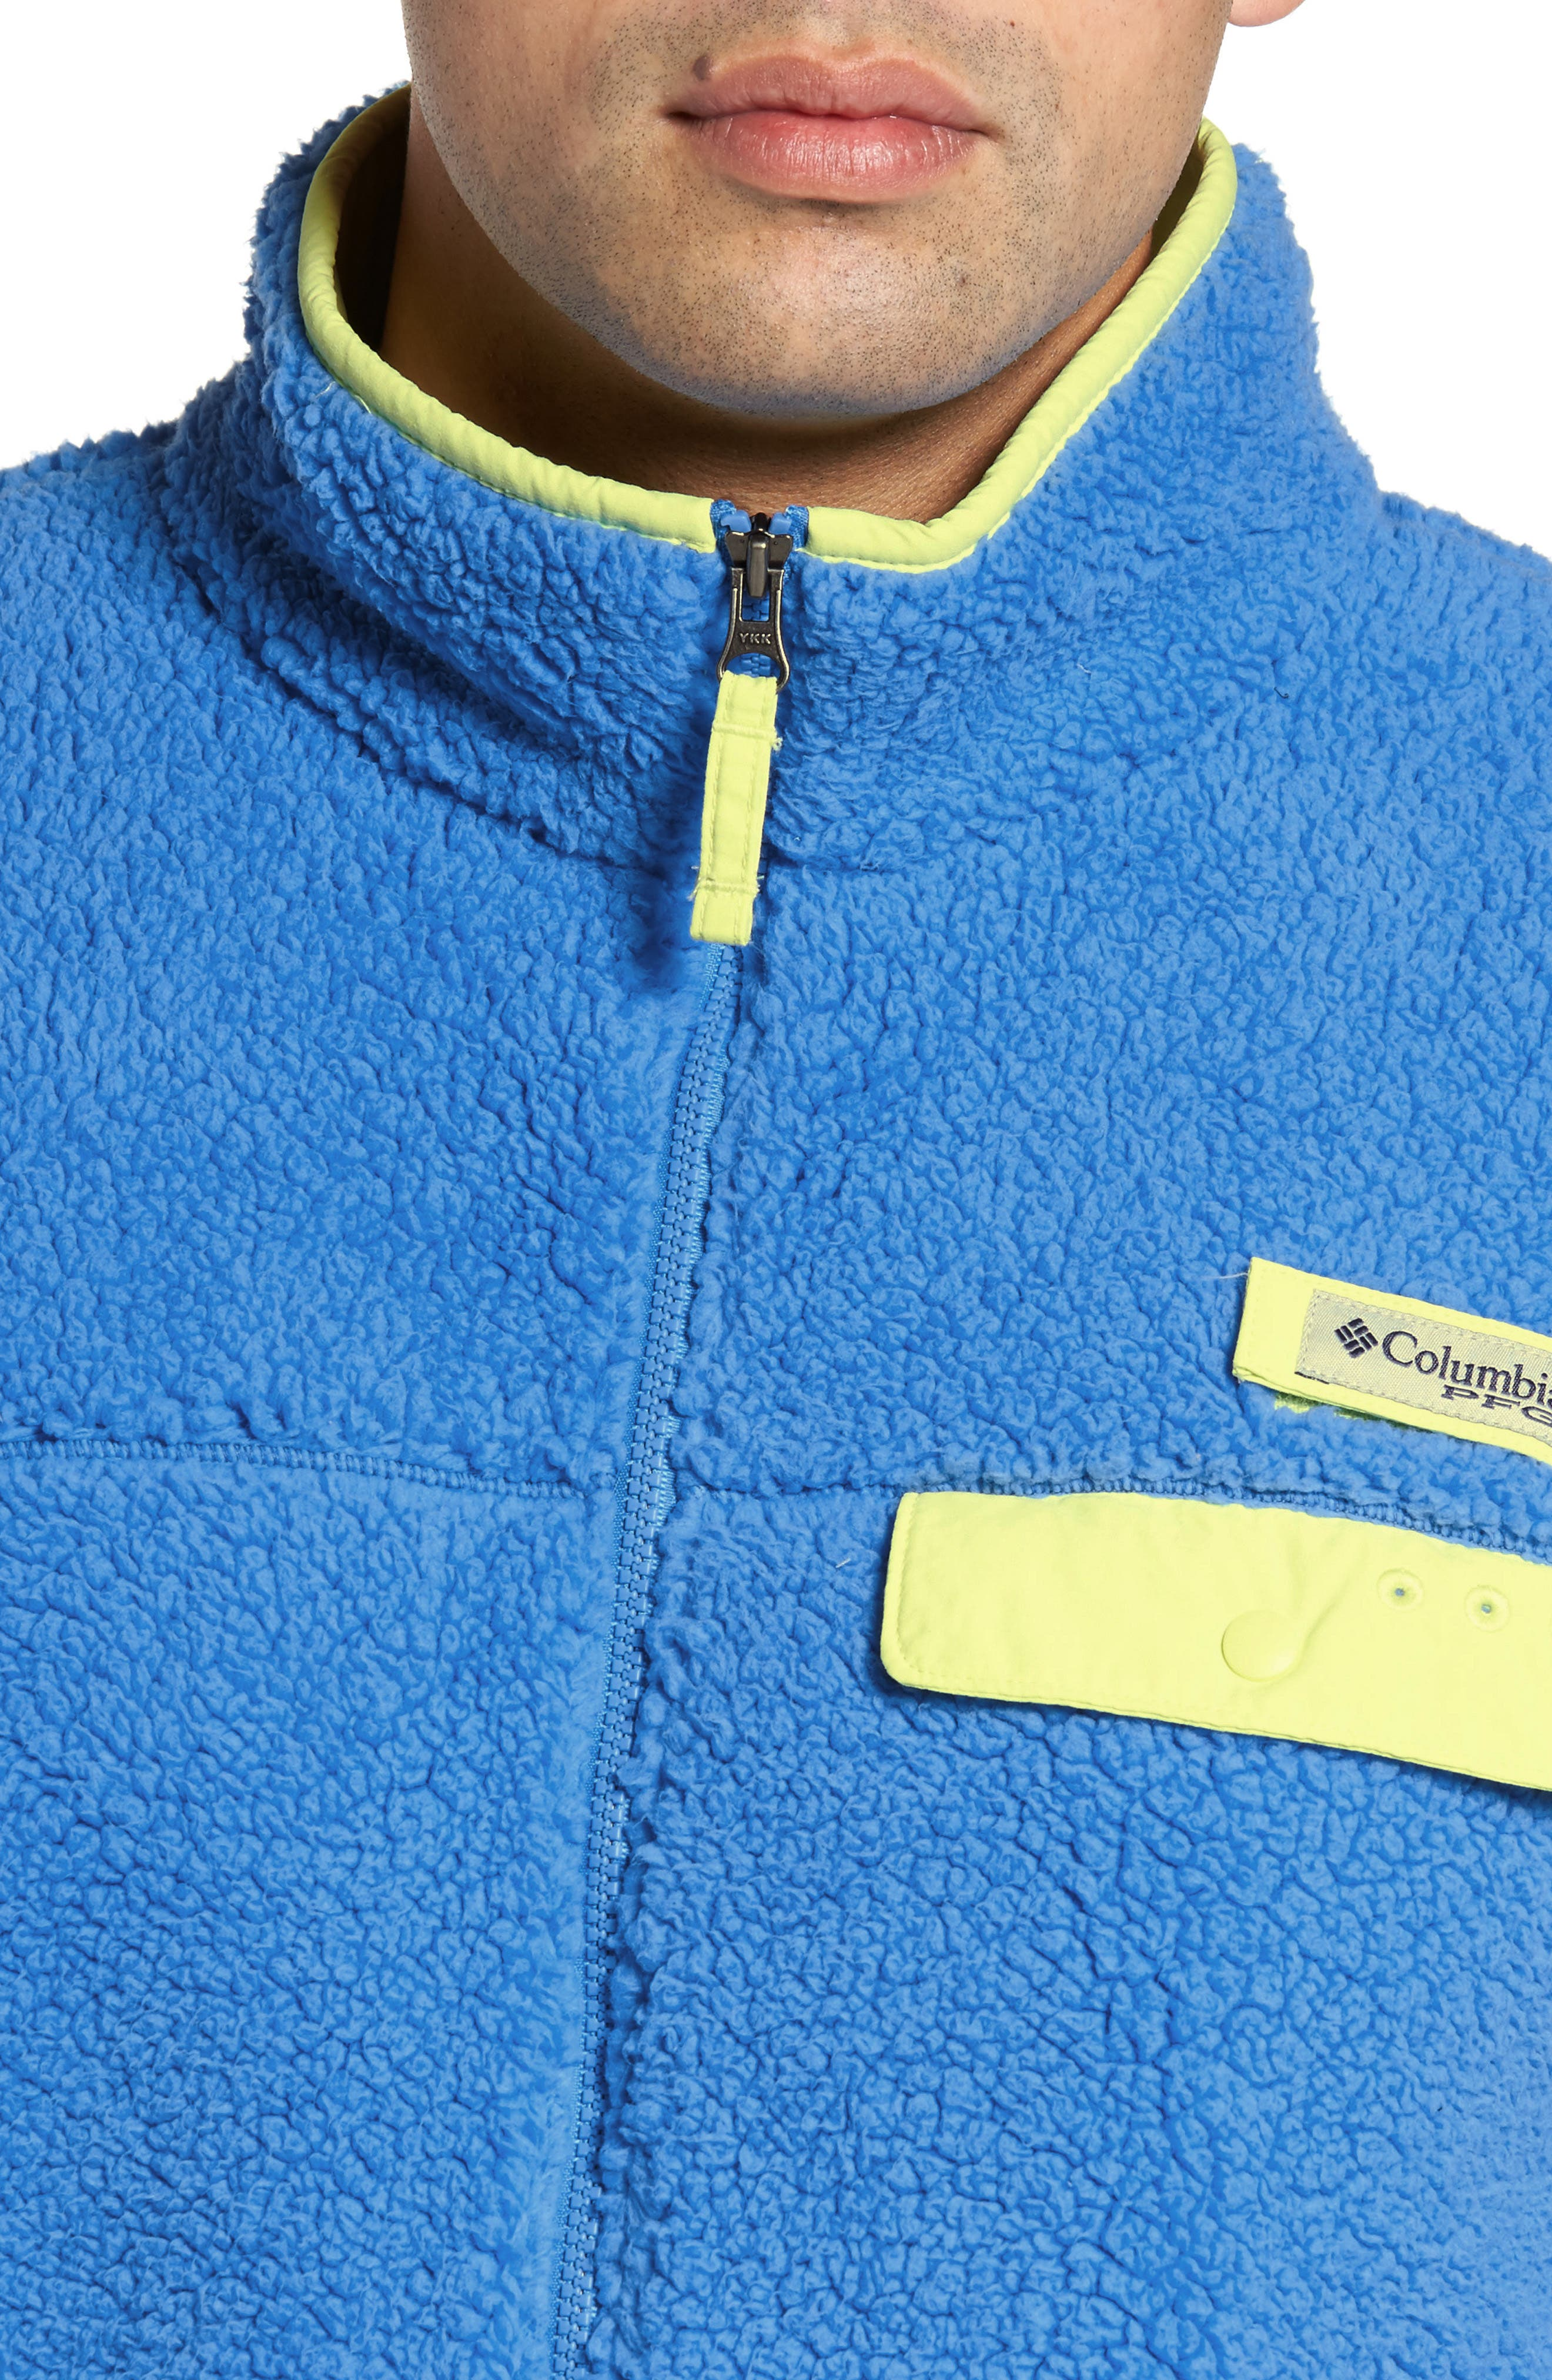 Harborside Fleece Jacket,                             Alternate thumbnail 4, color,                             Harbor Blue/ Neon Light